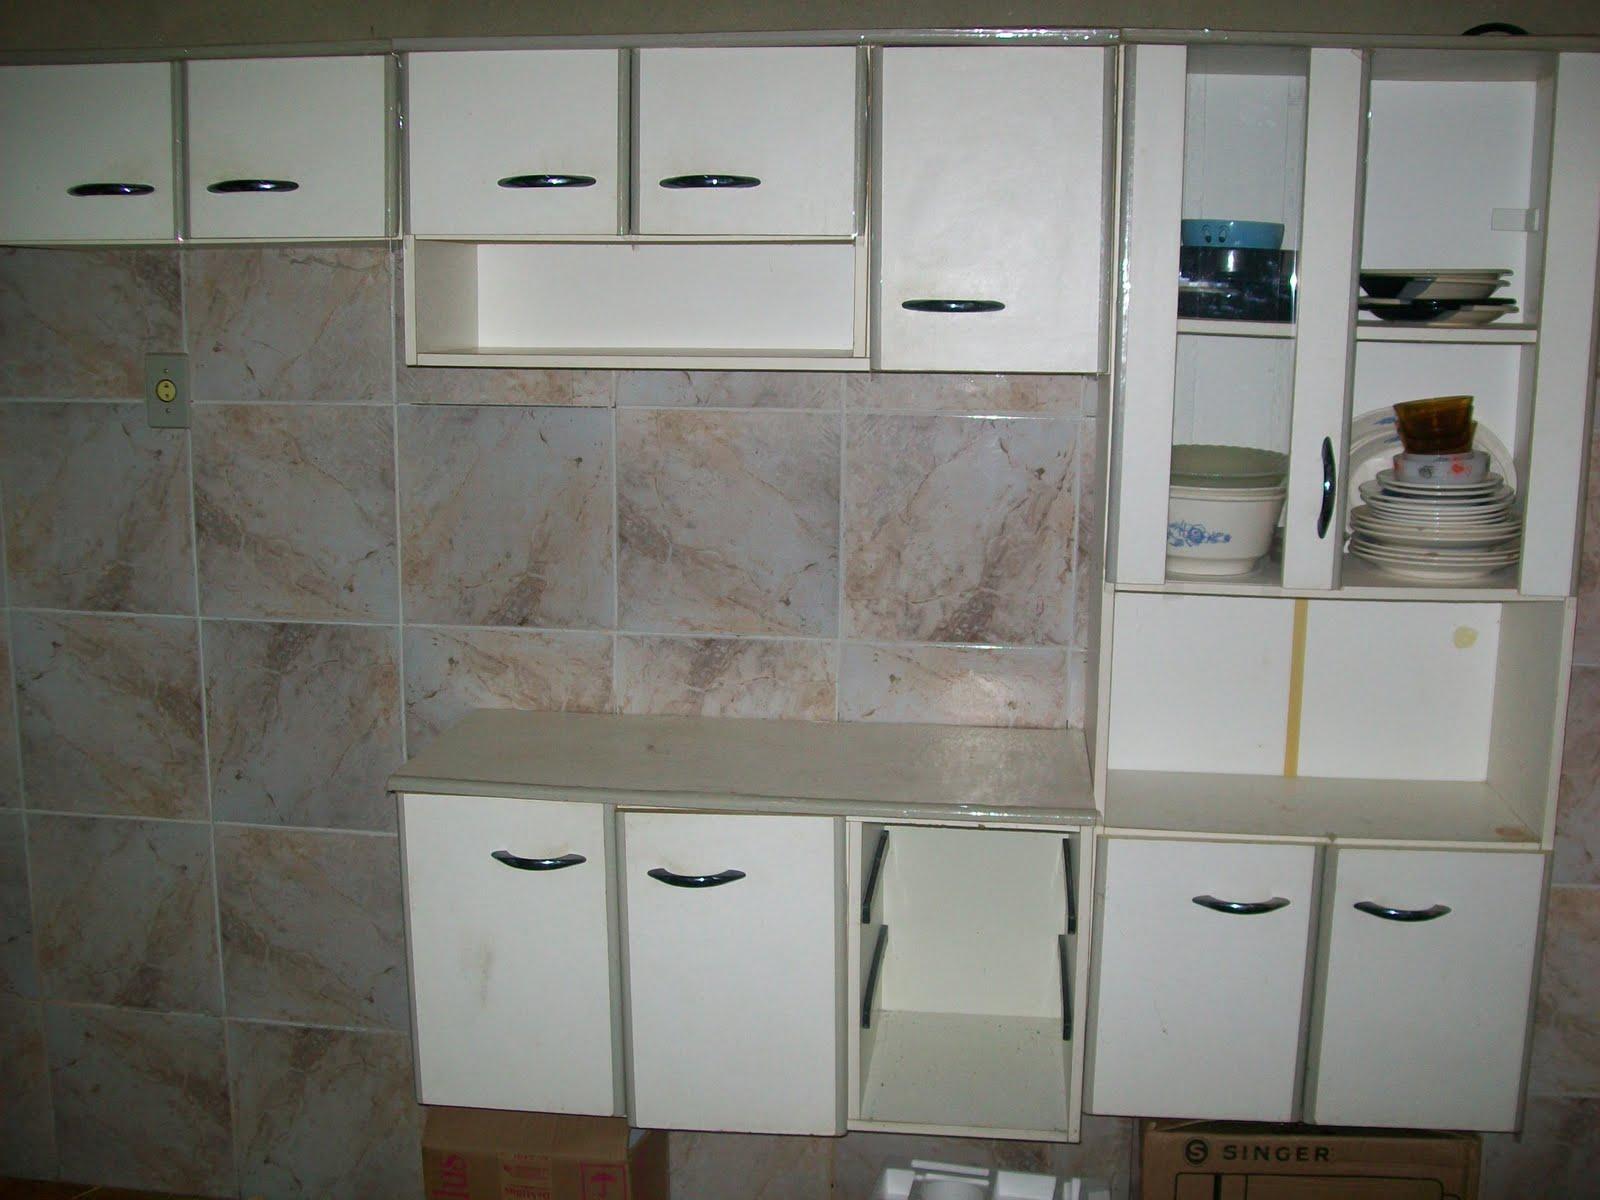 Studio da Bel *: Reforma de Armário de Cozinha > Tinta   Adesivo #413E34 1600x1200